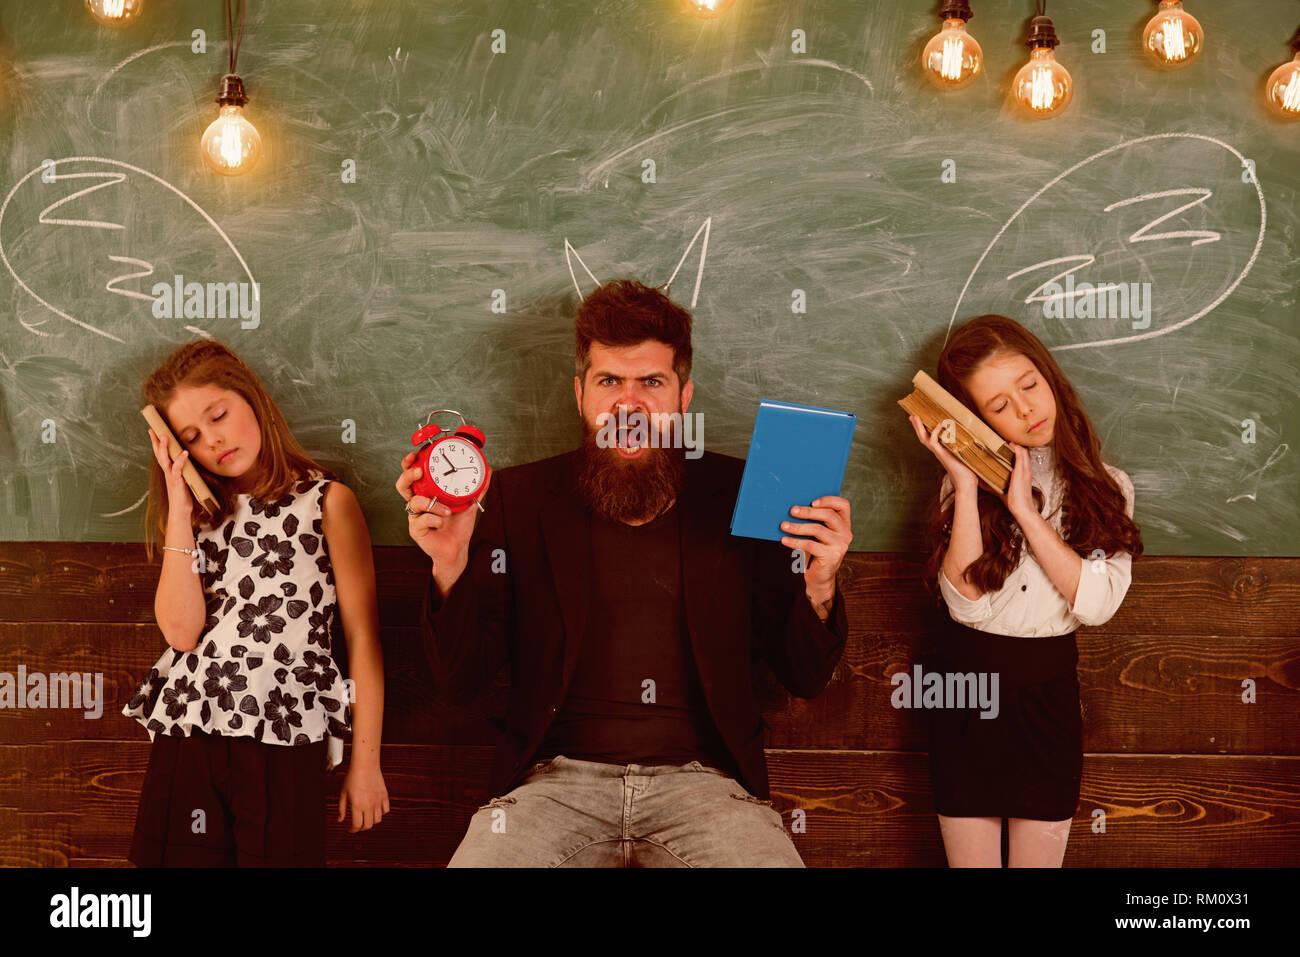 Lehrer und Schüler Mädchen im Klassenzimmer, schwarzes Brett für den Hintergrund. Kinder und Lehrer und gezeichnet von Chalk Hörner. Mann mit Bart schreien während Stockbild